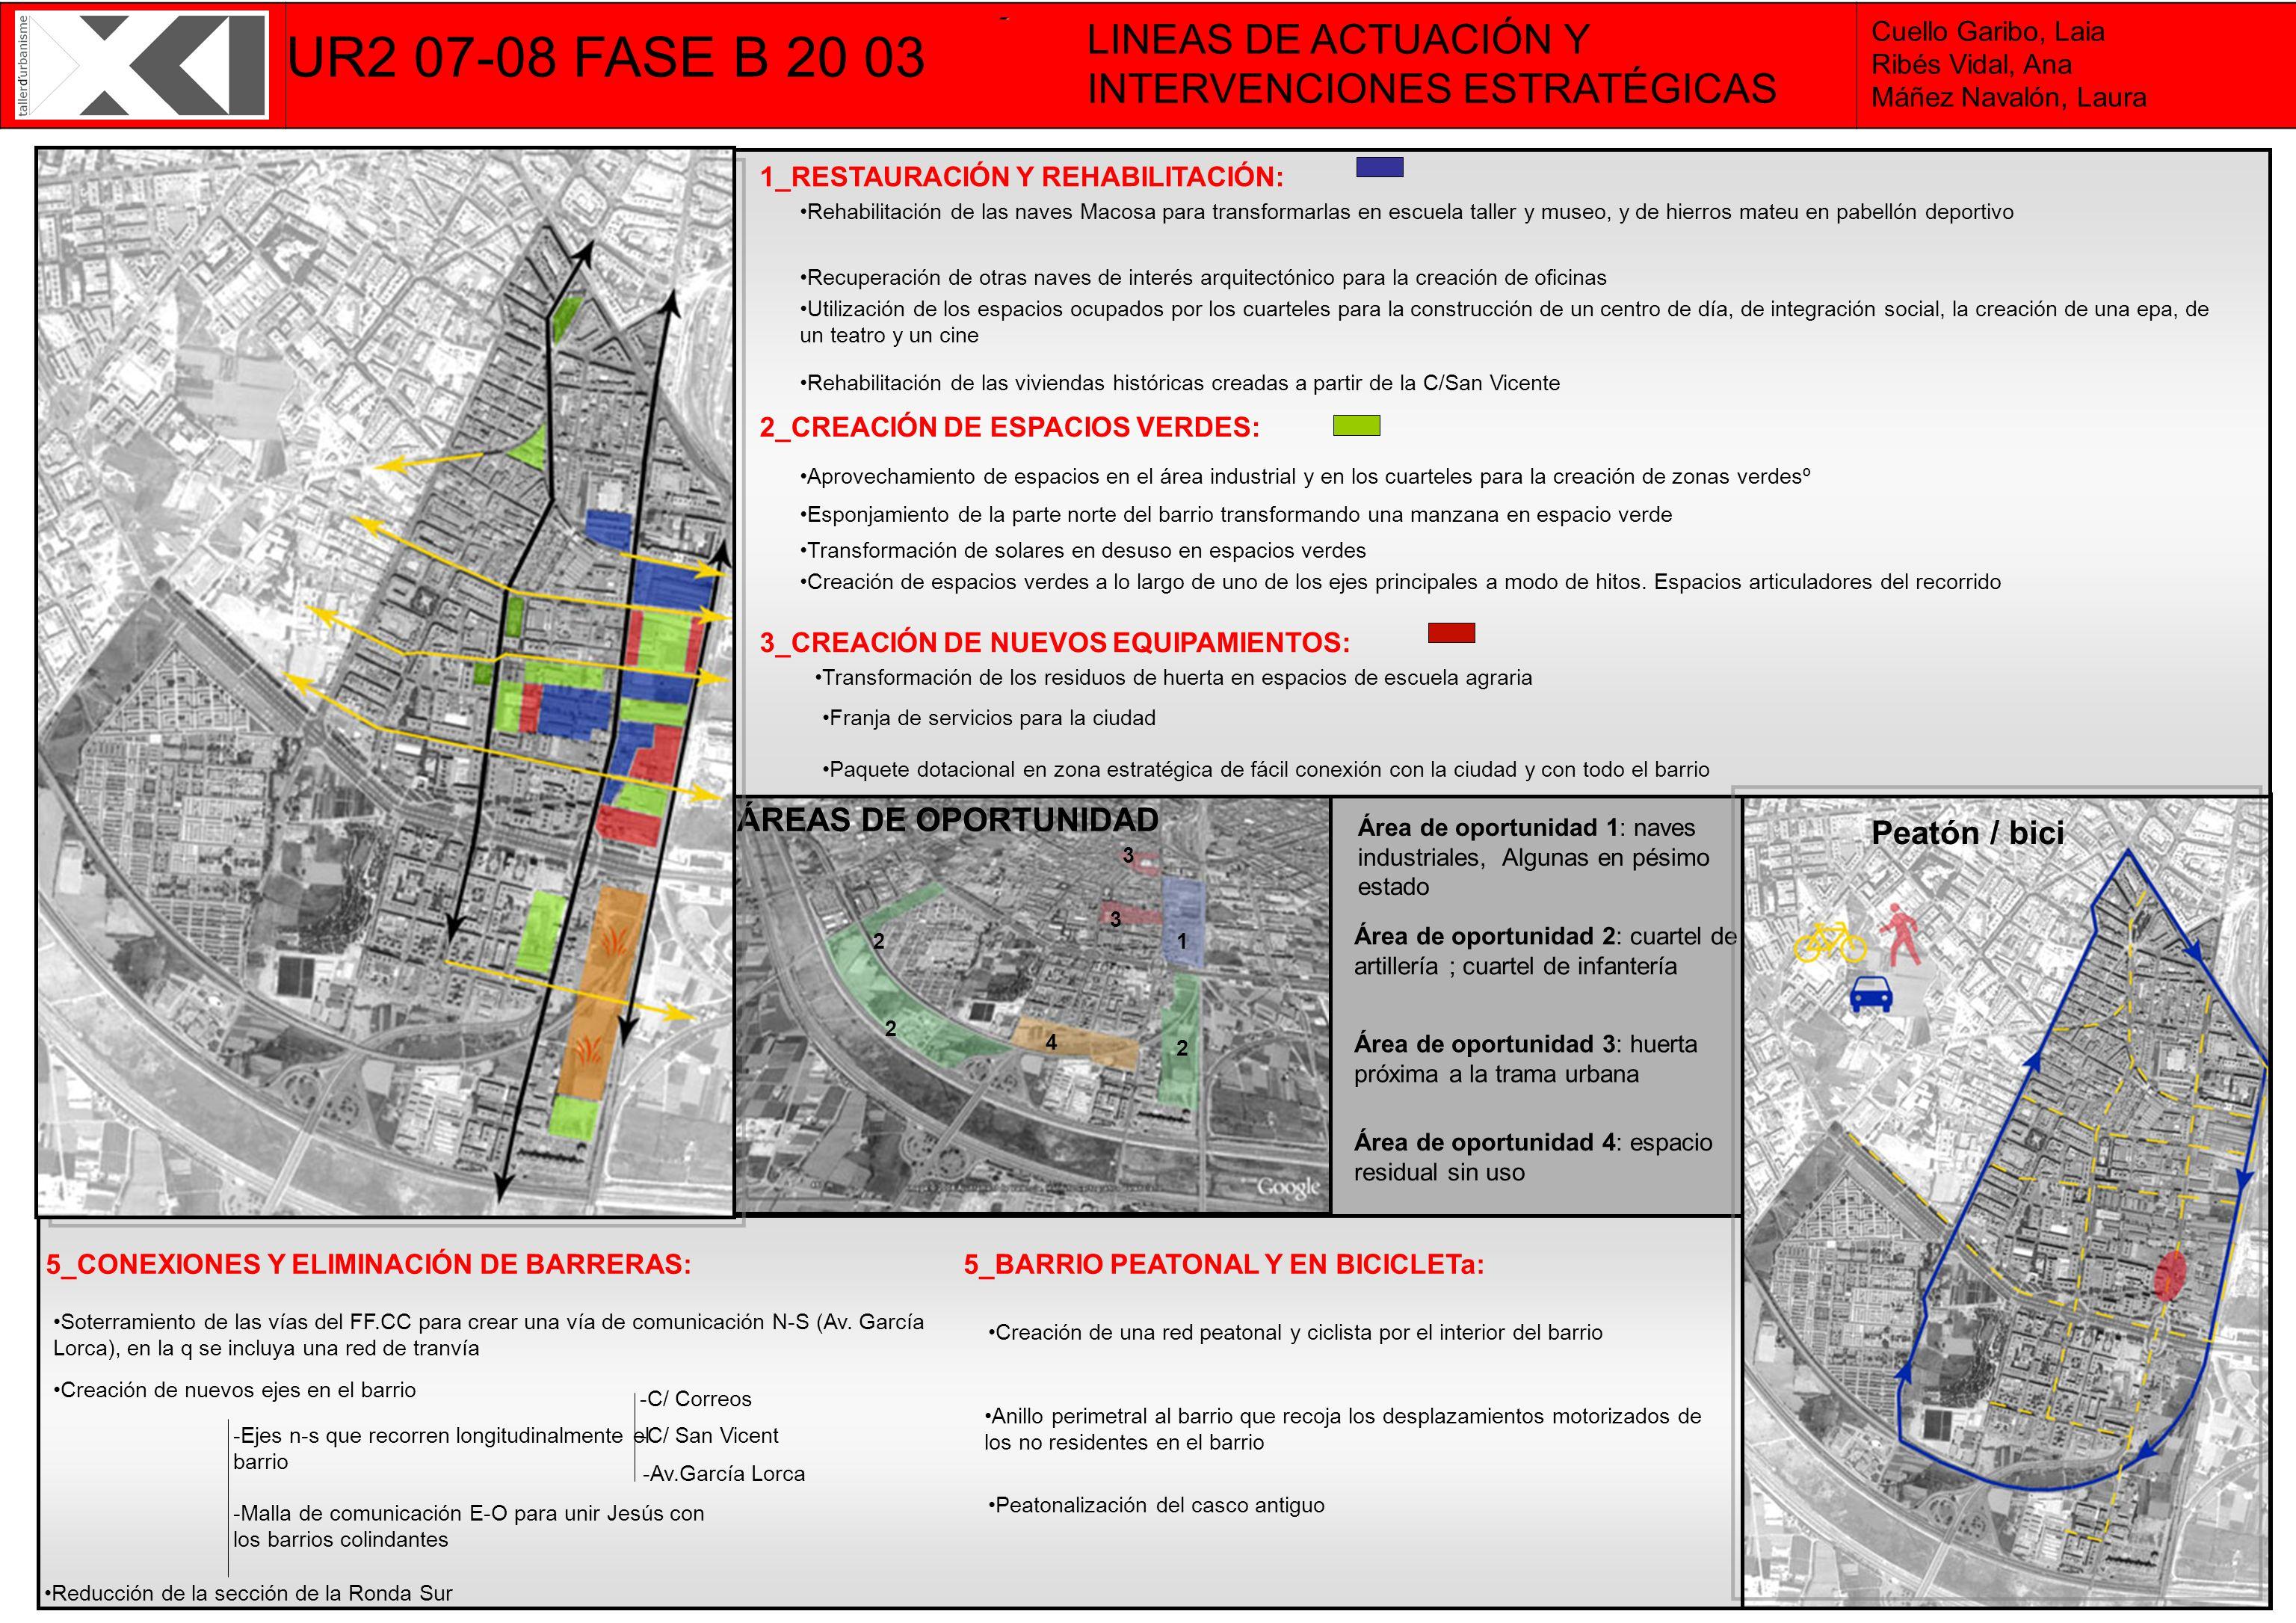 UR2 07-08 FASE B 20 03 LINEAS DE ACTUACIÓN Y